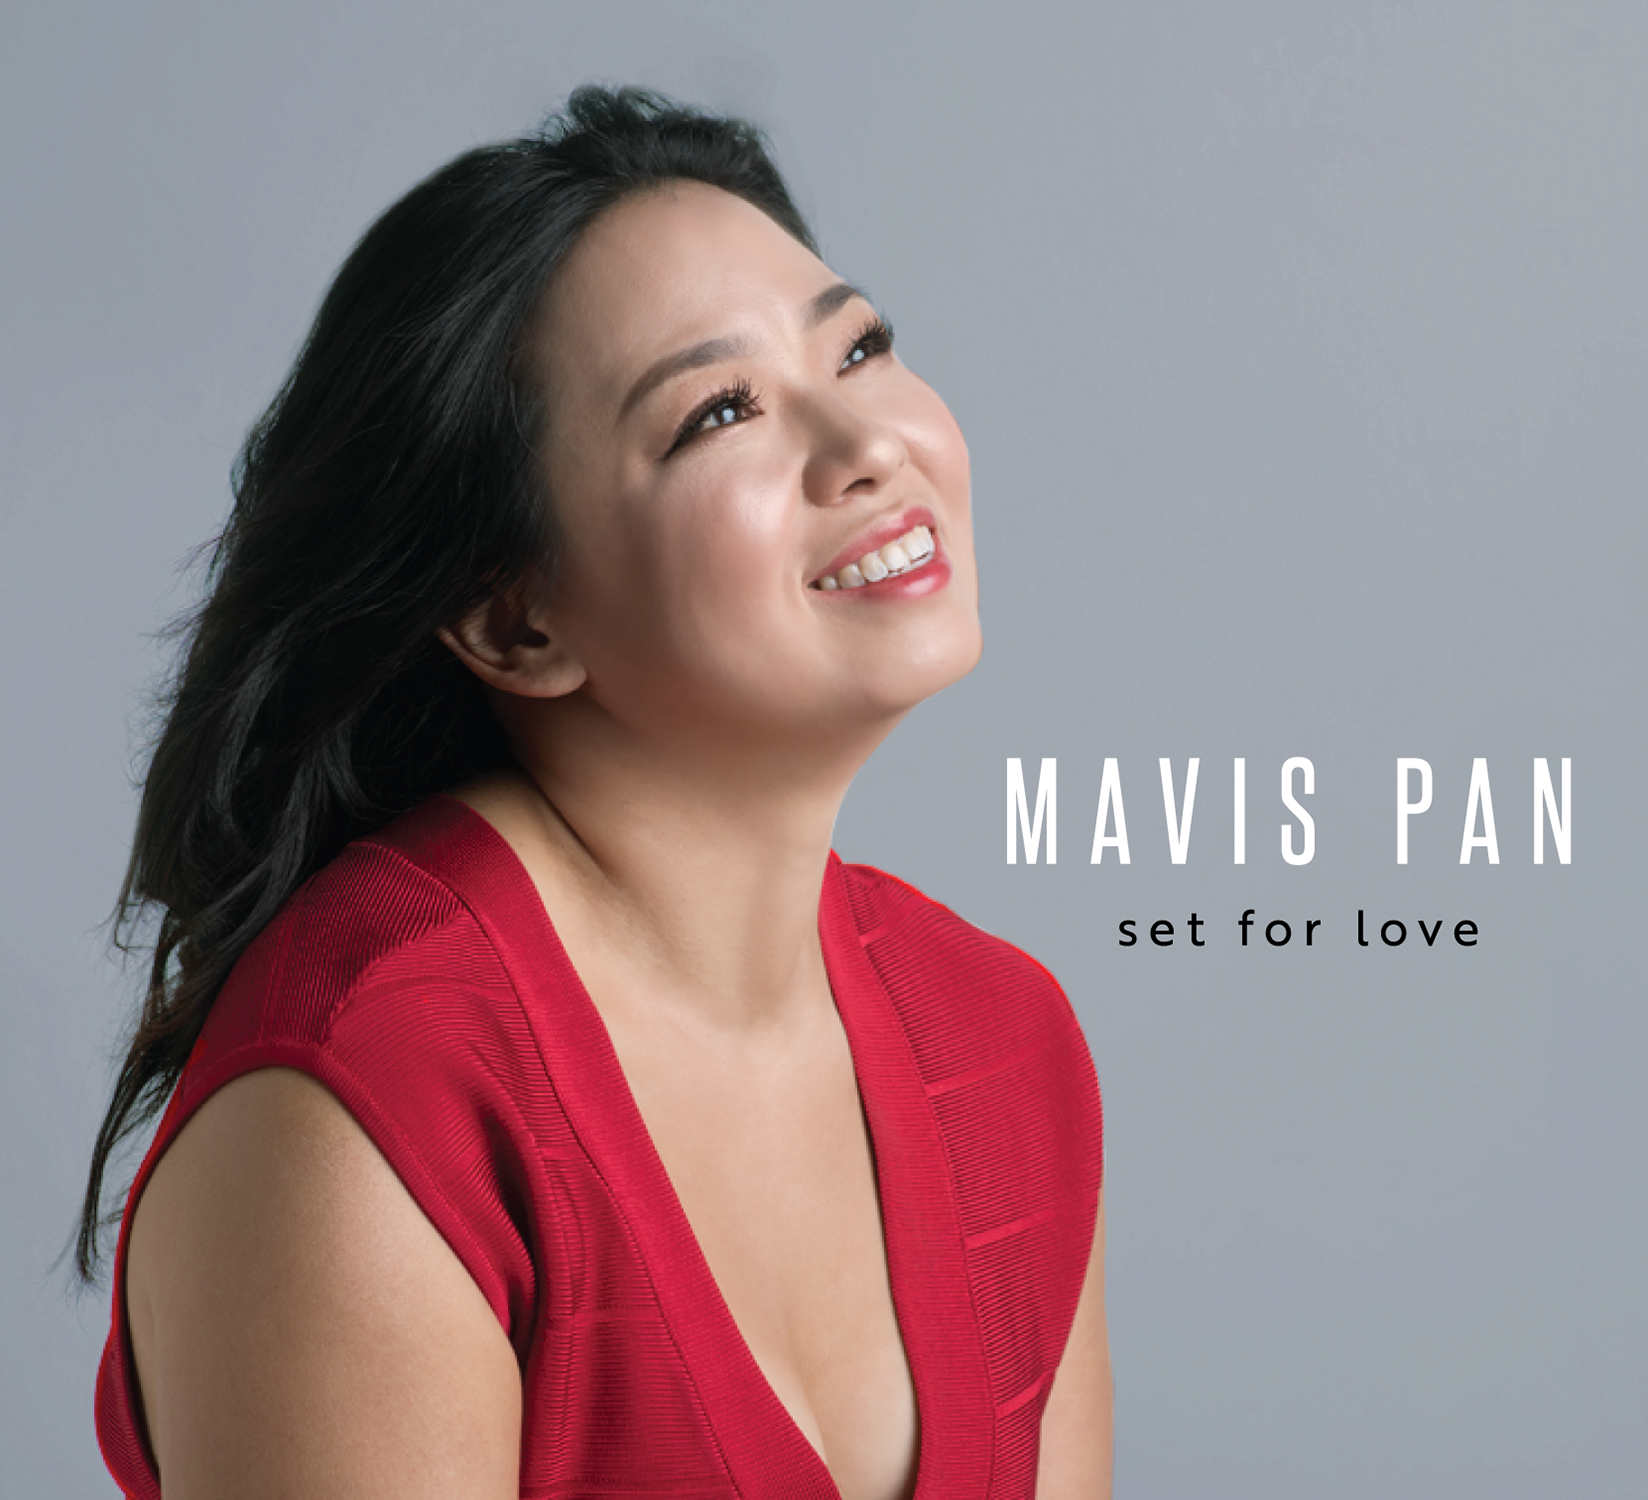 Mavis Pan